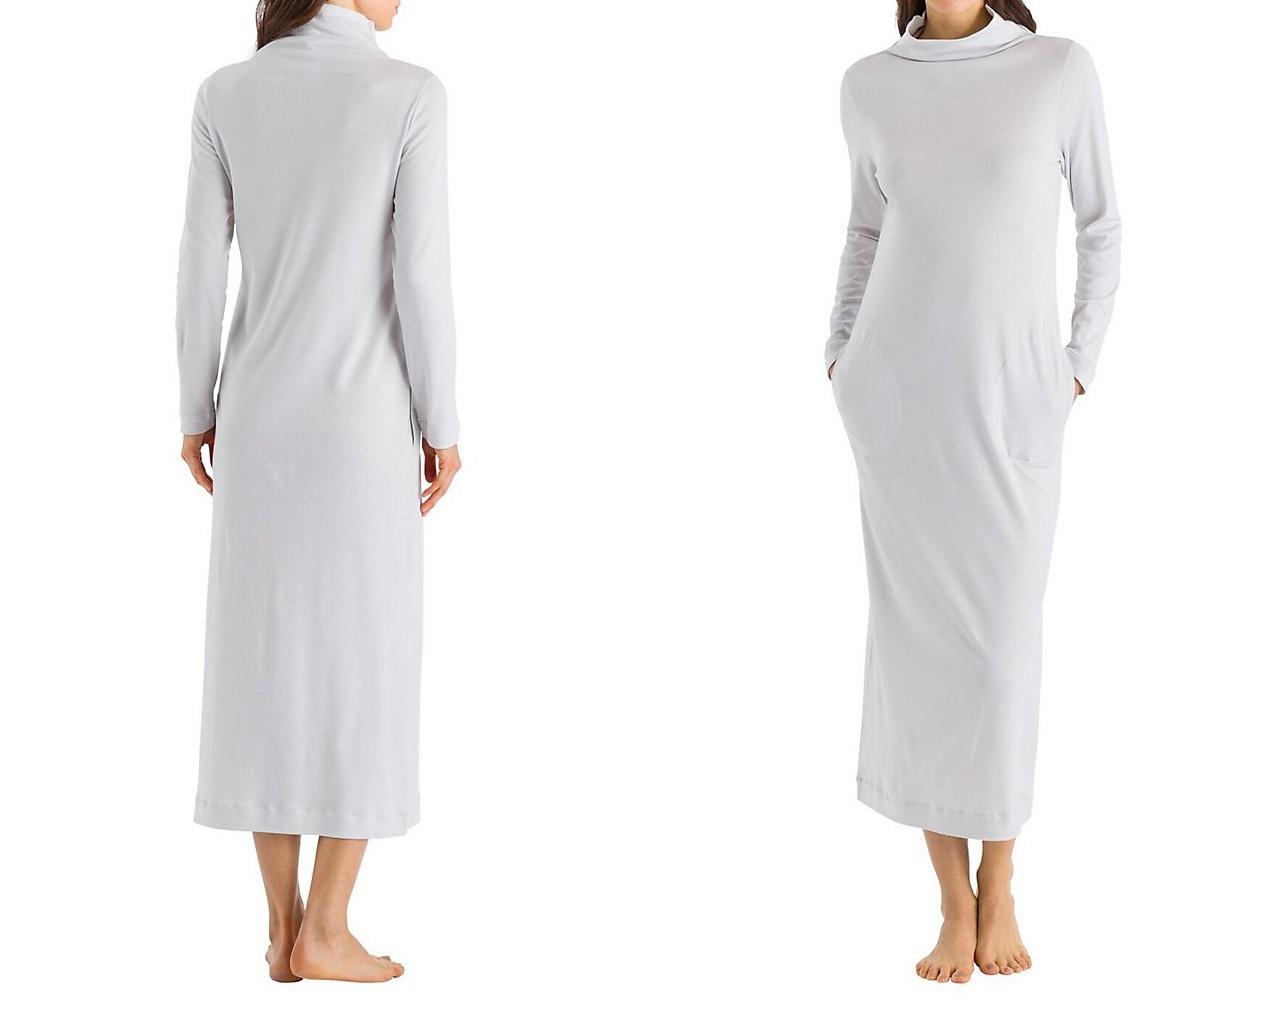 ladies nightwear